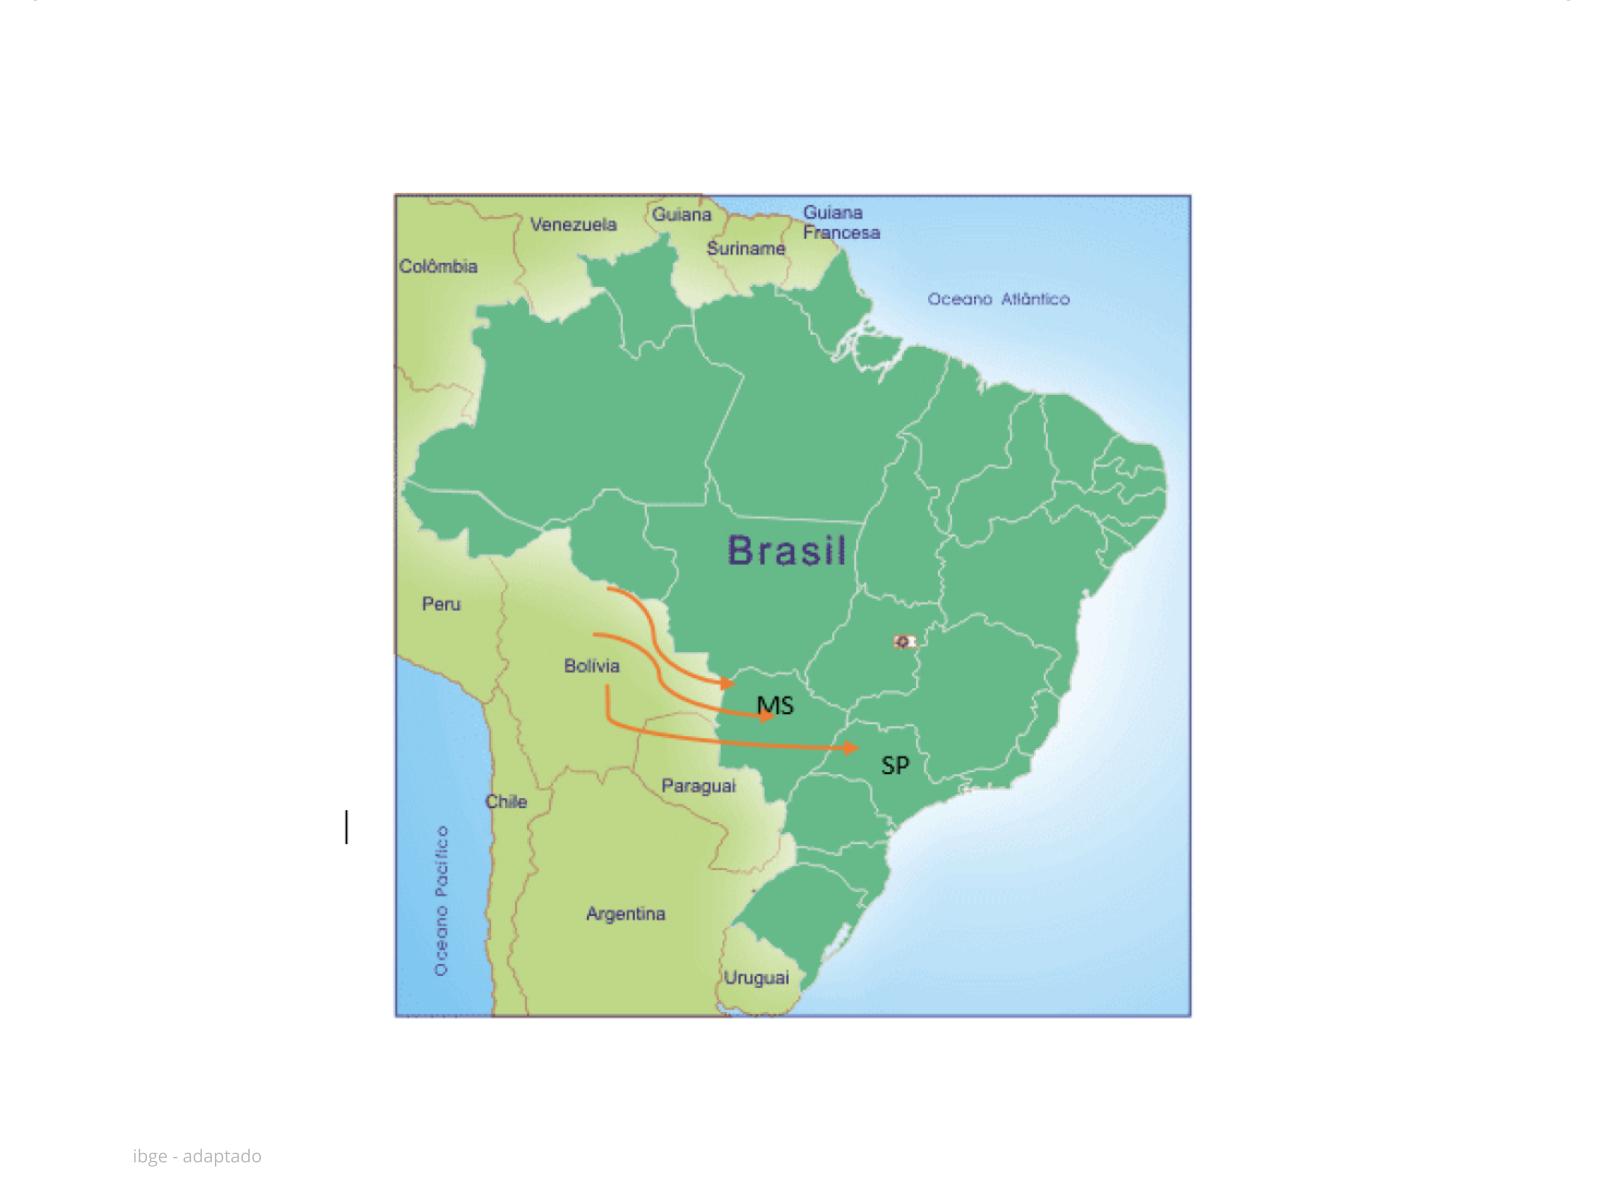 Migração dos povos da Bolívia e a exploração do trabalho no Brasil